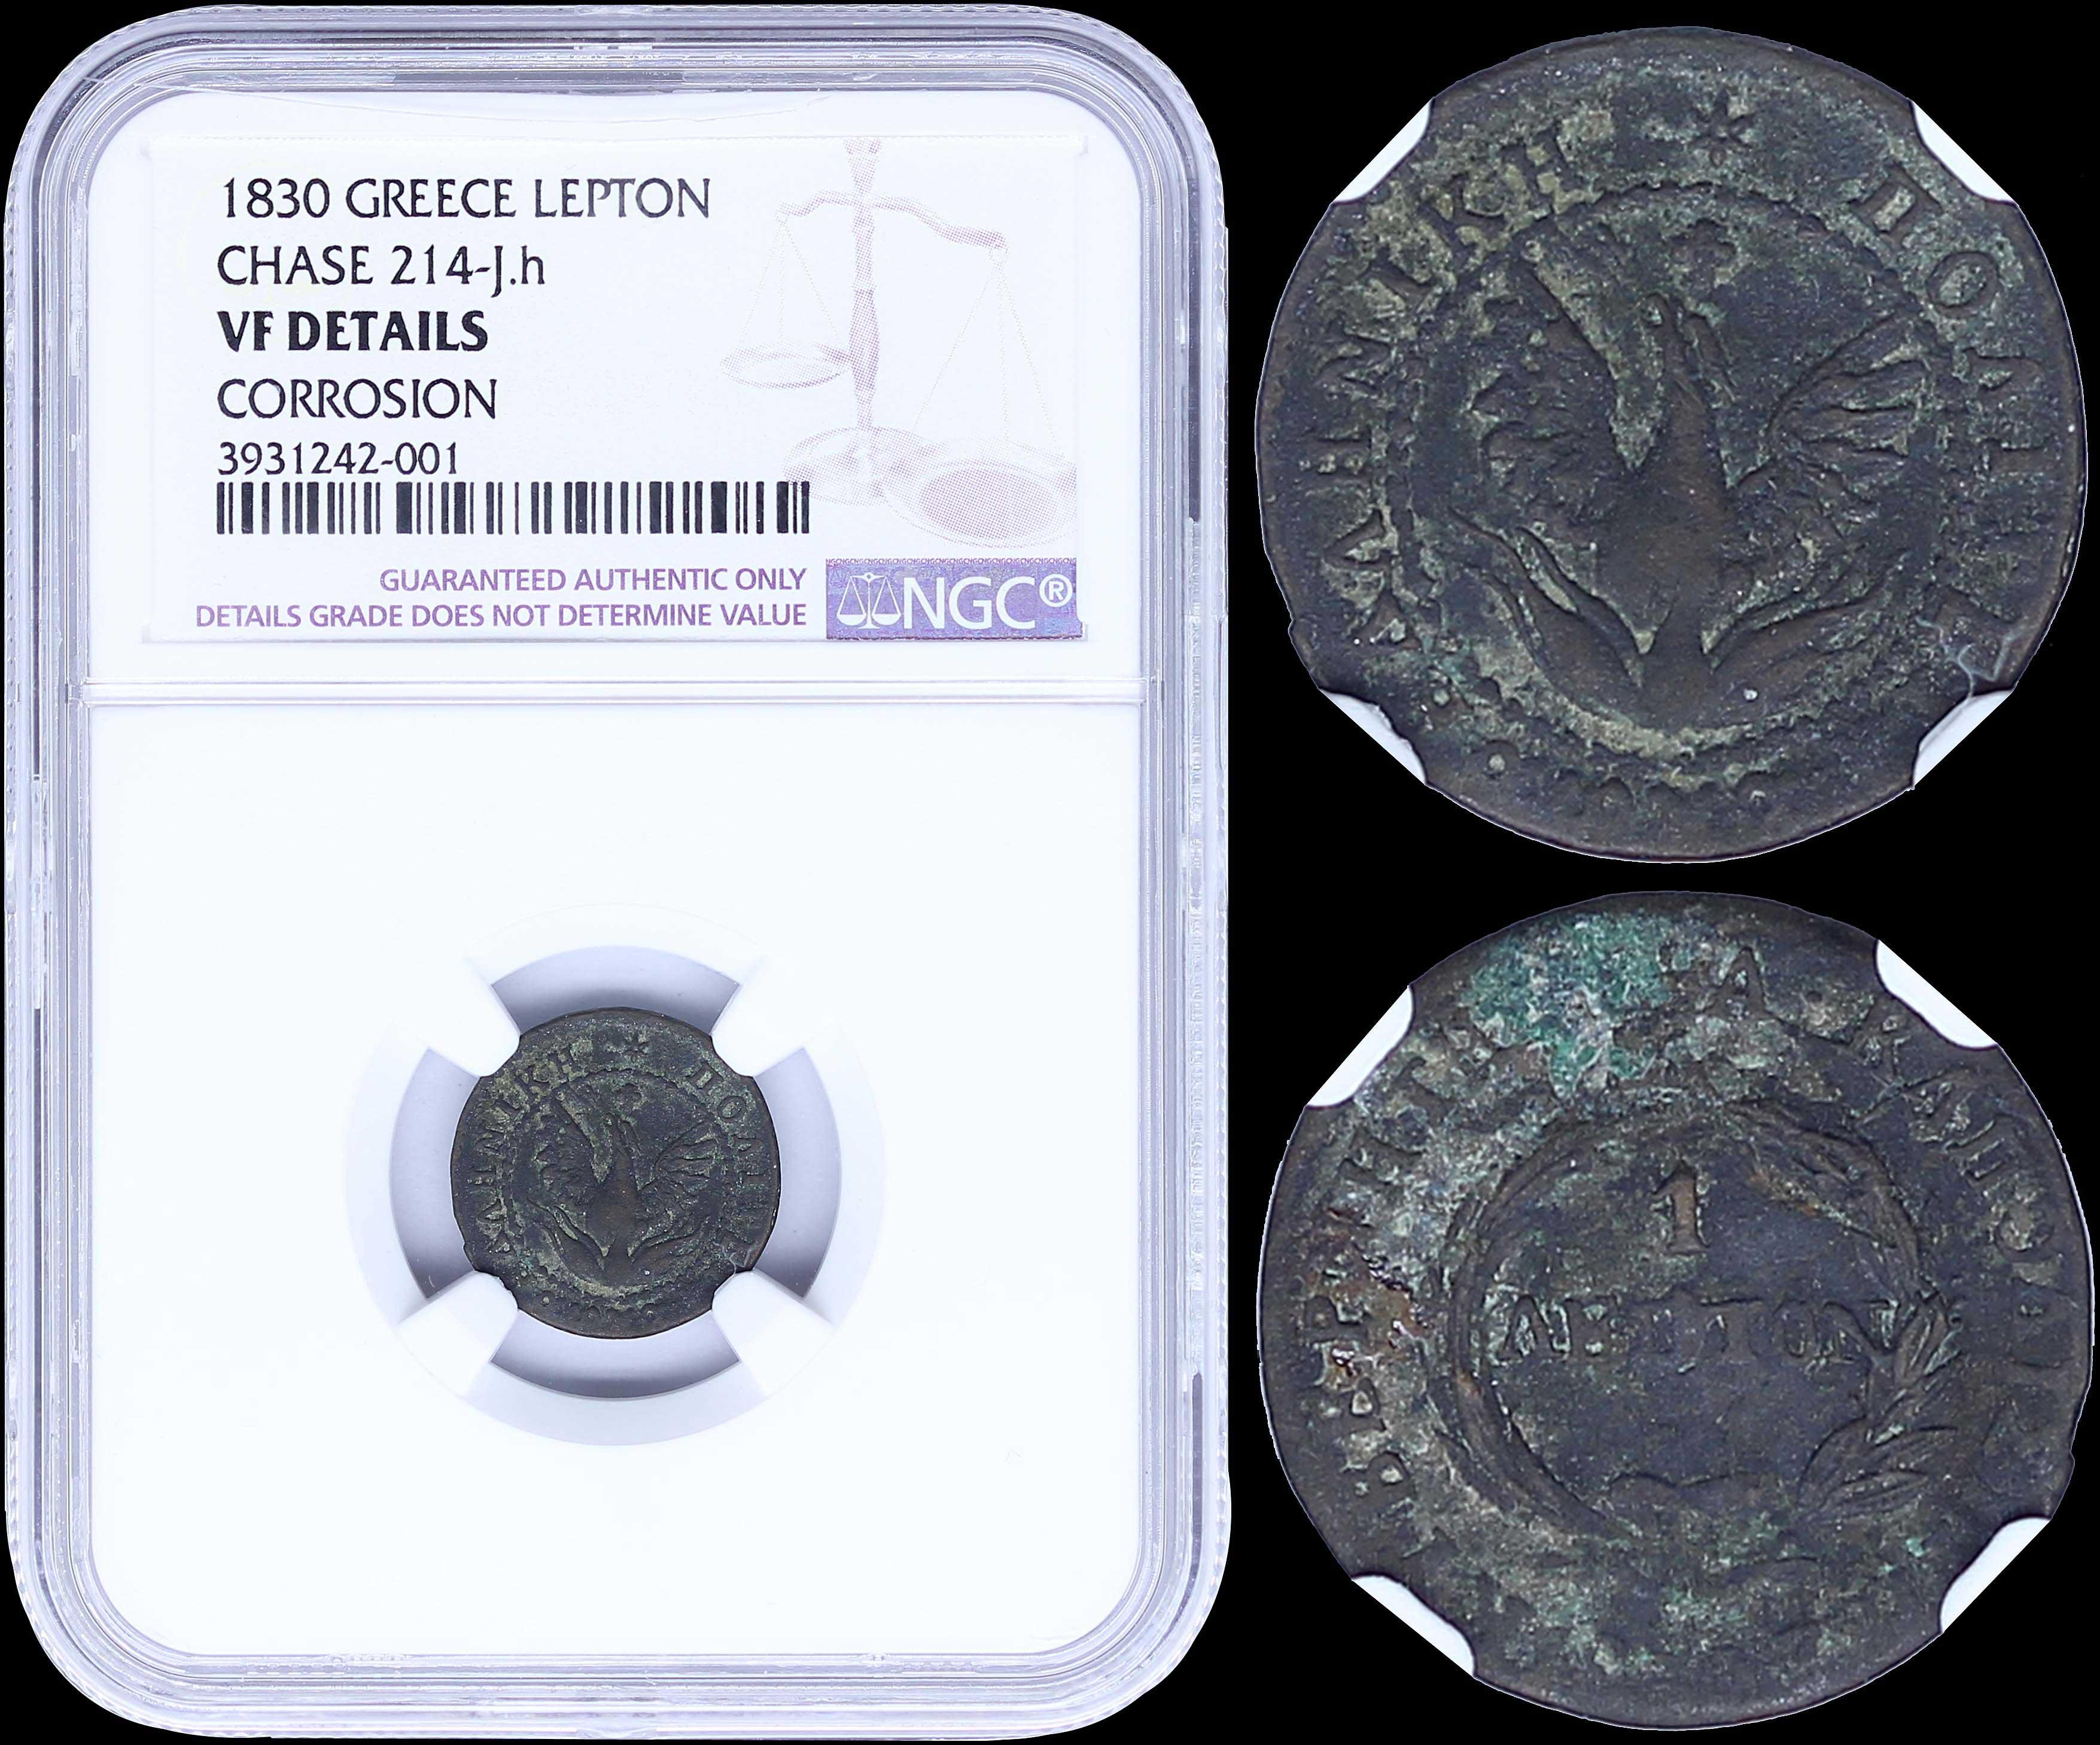 Lot 6021 - -  COINS & TOKENS governor capodistrias -  A. Karamitsos Public & Live Internet Auction 671 (Part A)